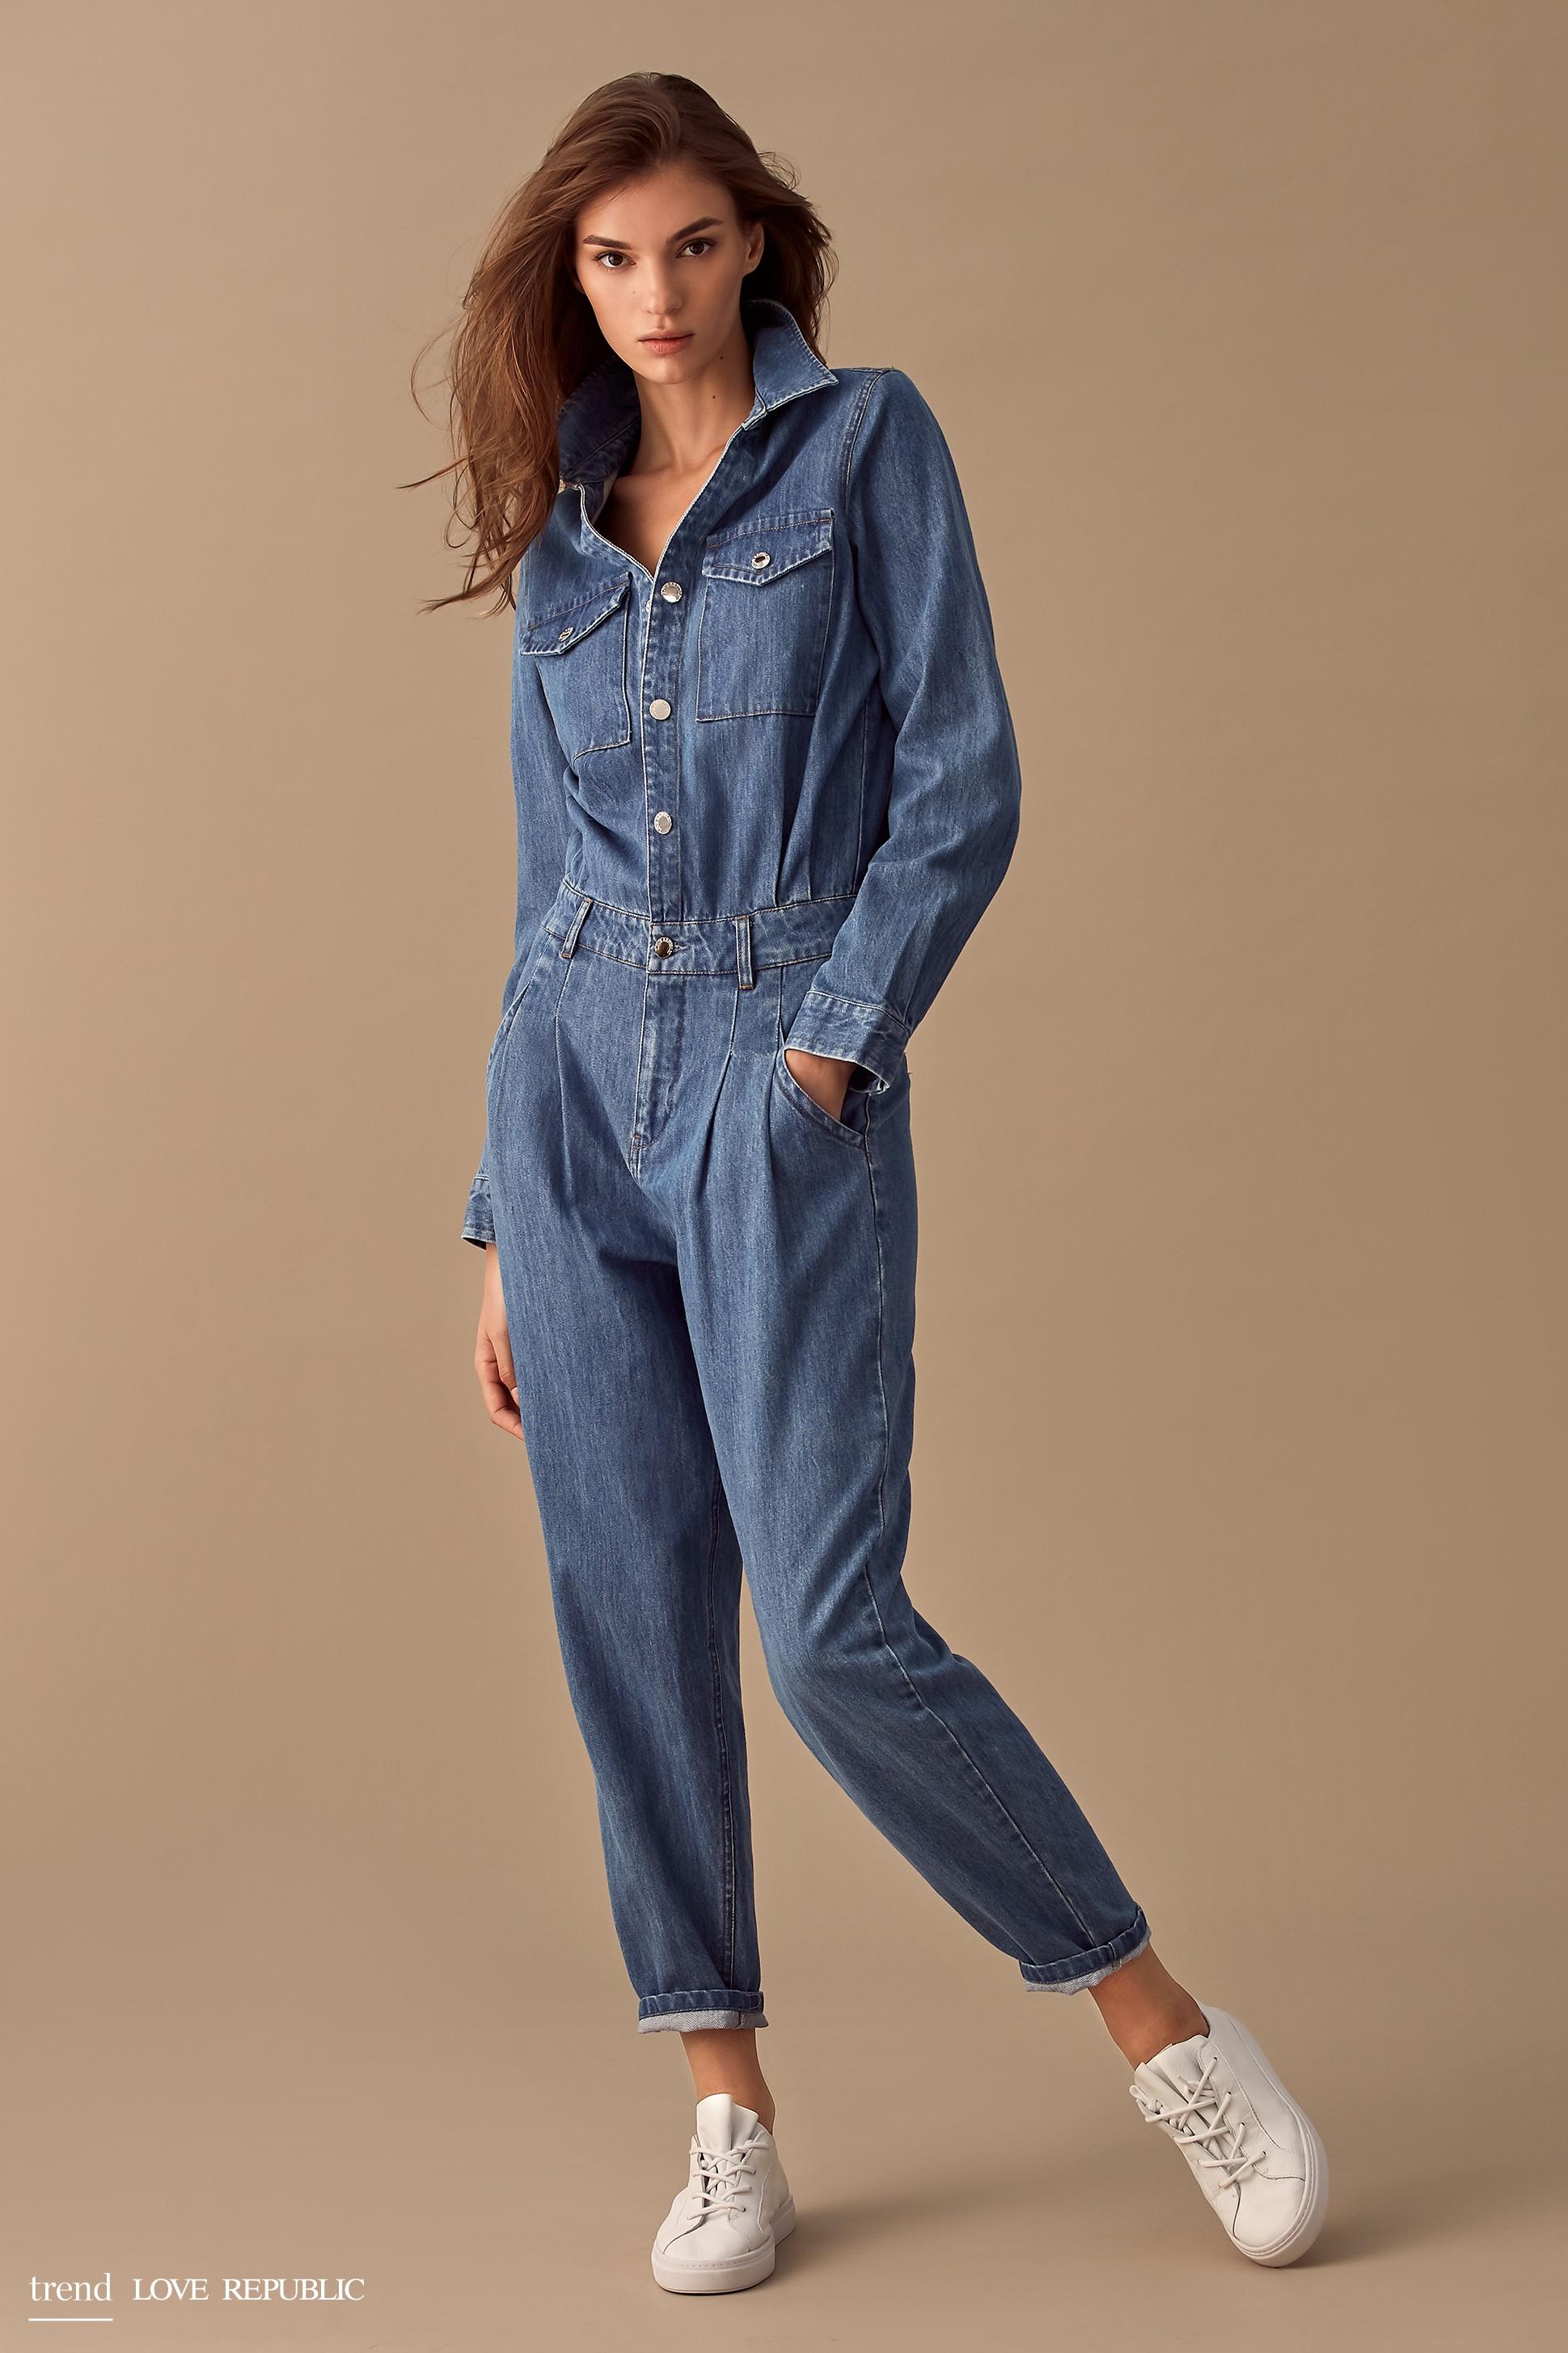 0005b8649c6e6 Стильная женская одежда - купить в интернет-магазине «Love Republic»